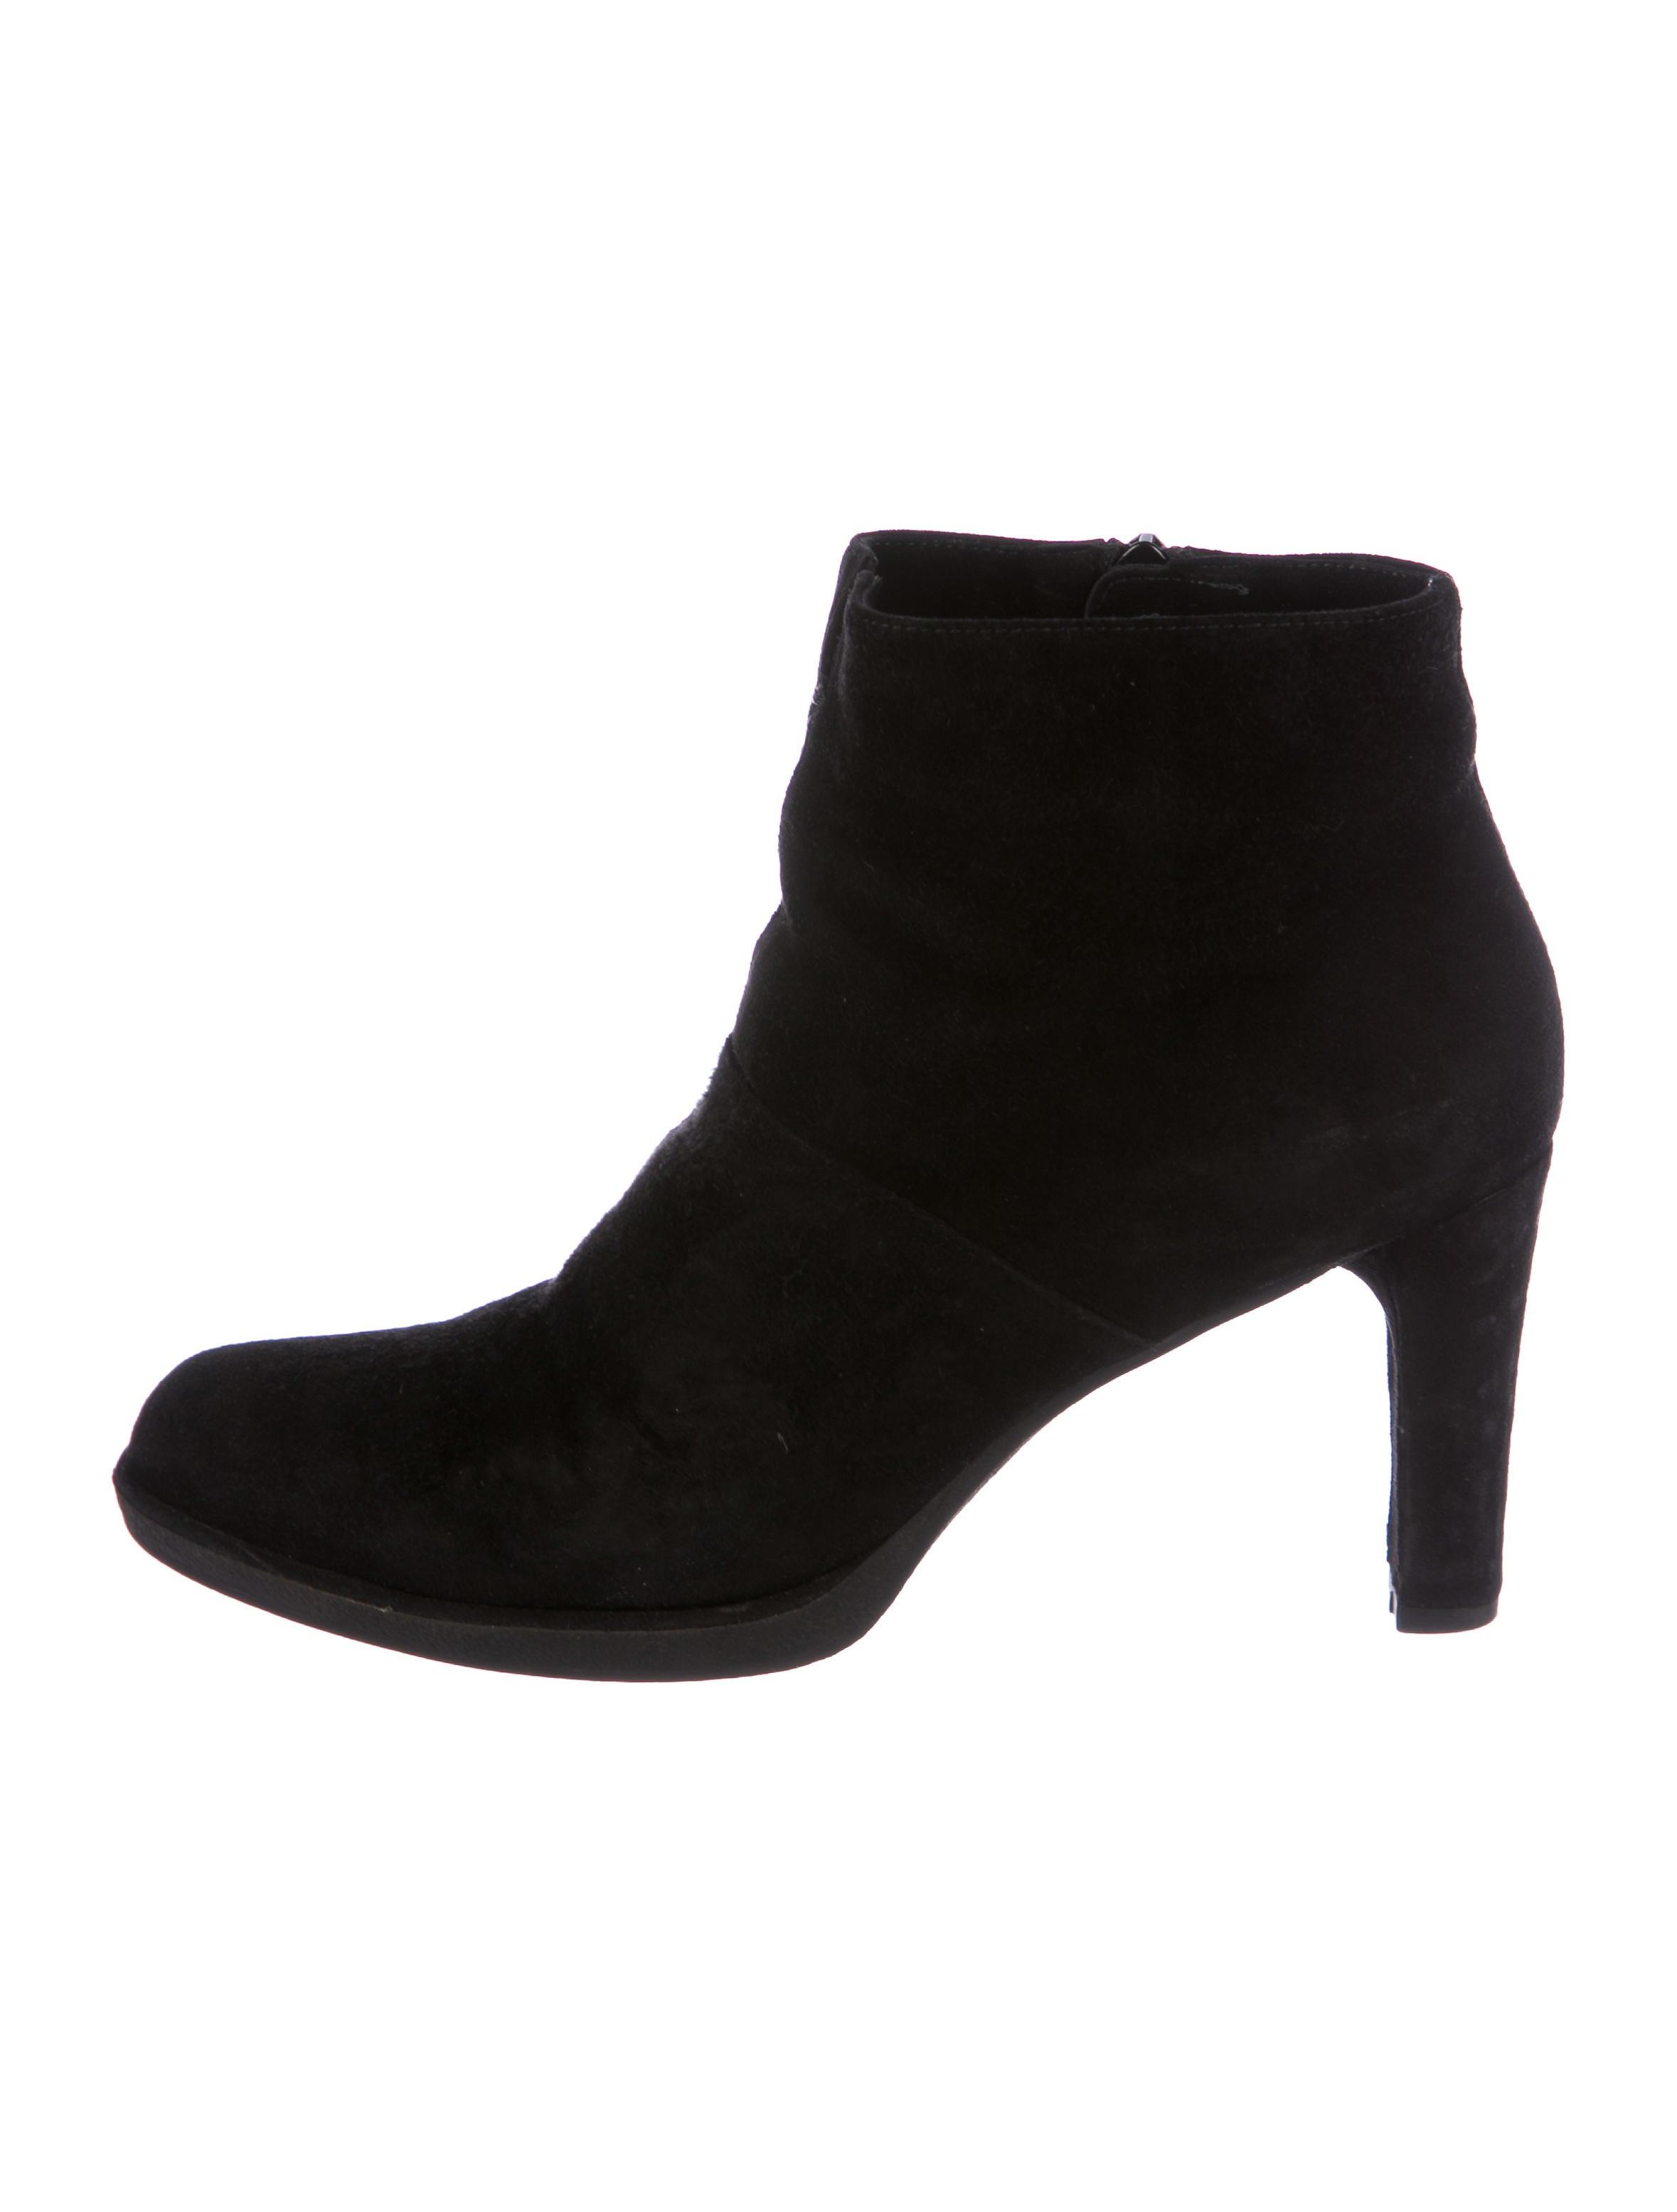 Stuart Weitzman Honcho Ankle Boots sale best wholesale 9H4rWMd